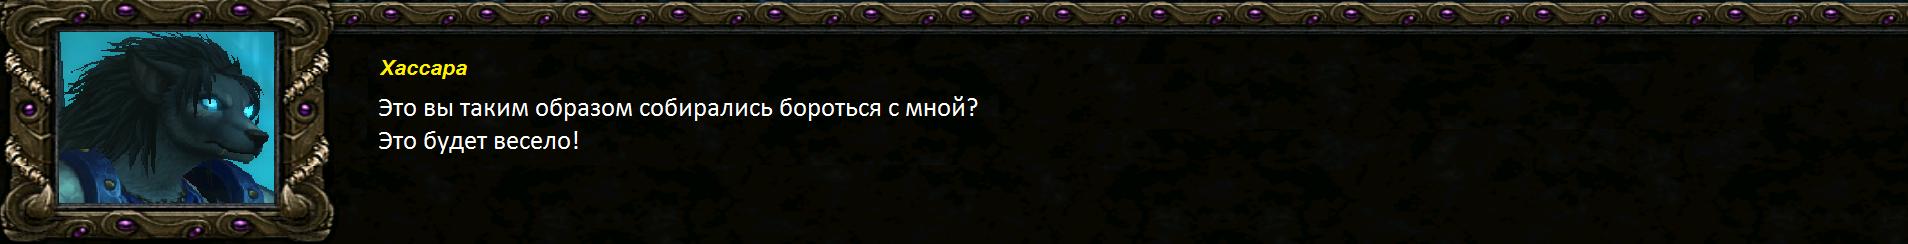 Дк шаблон реборн 15.10